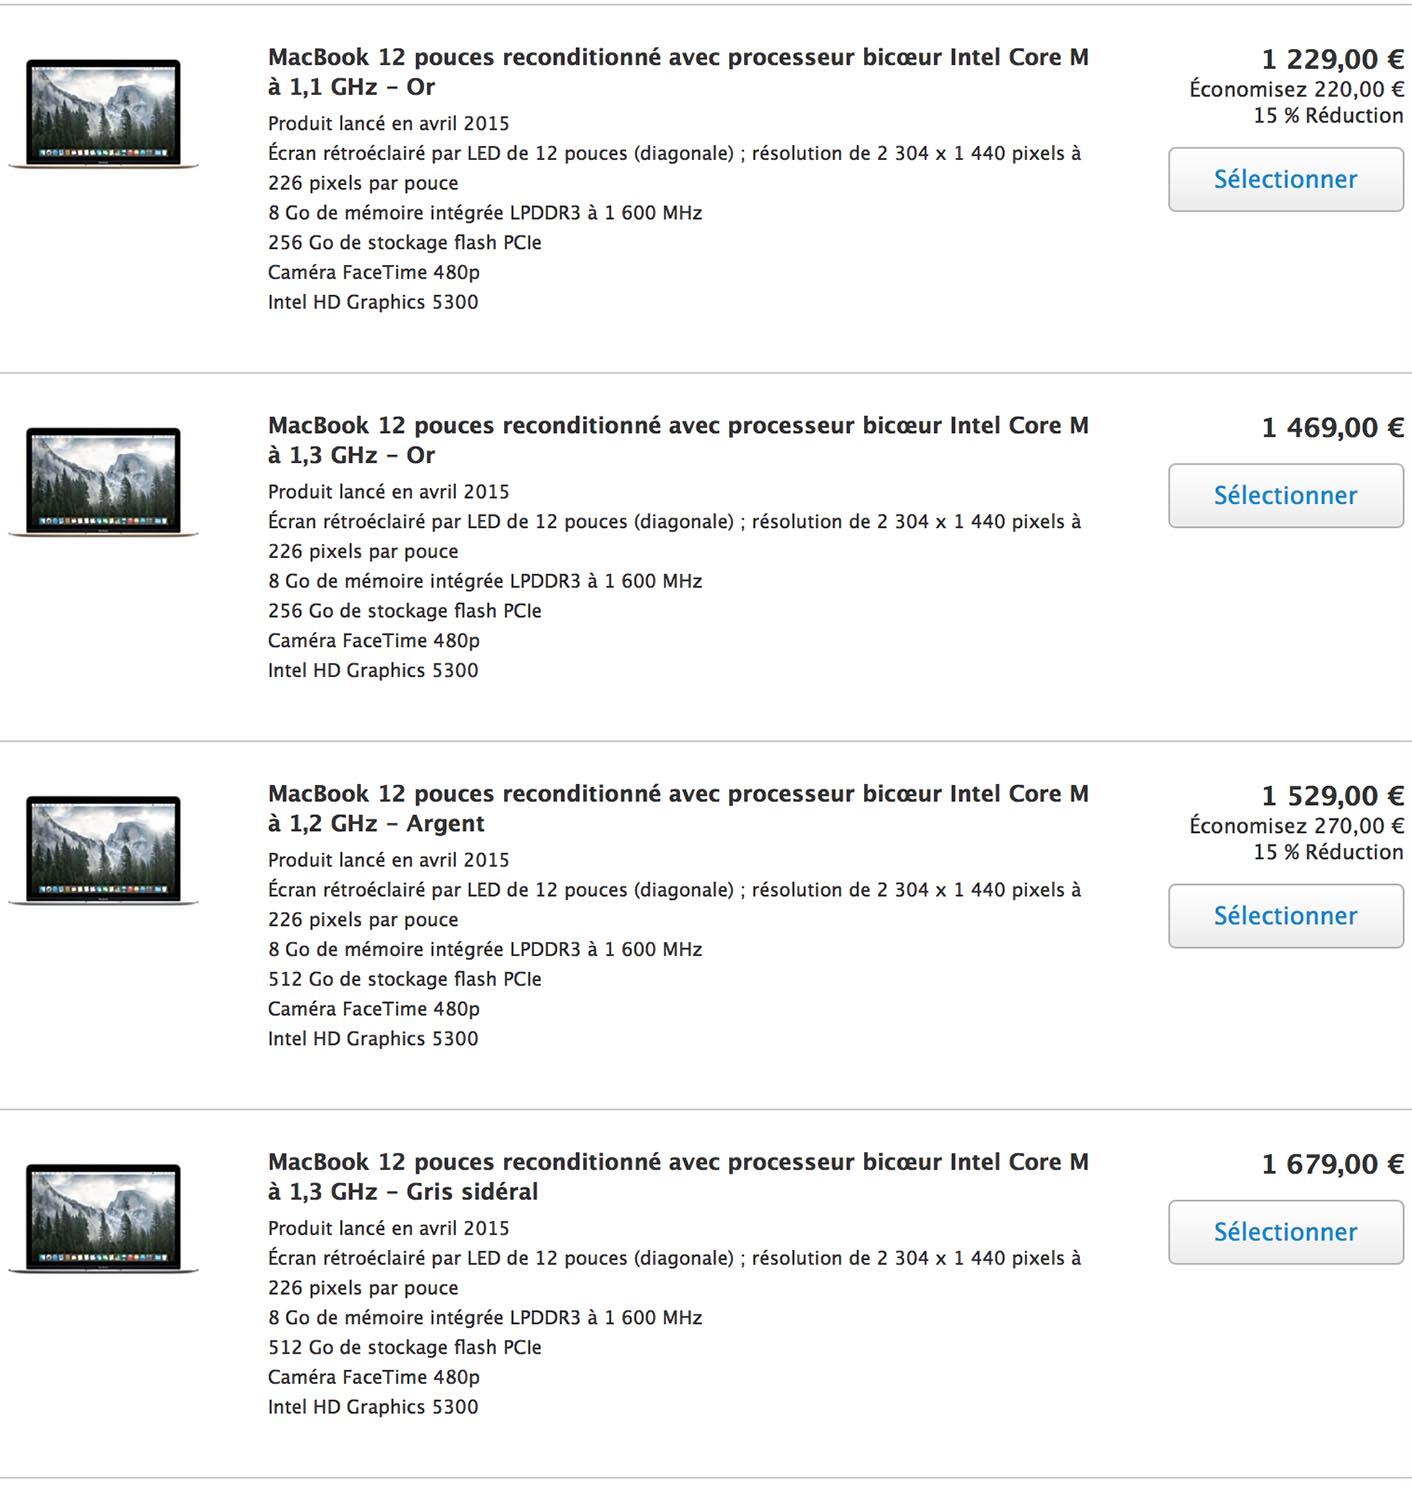 MacBook 12 Refurb